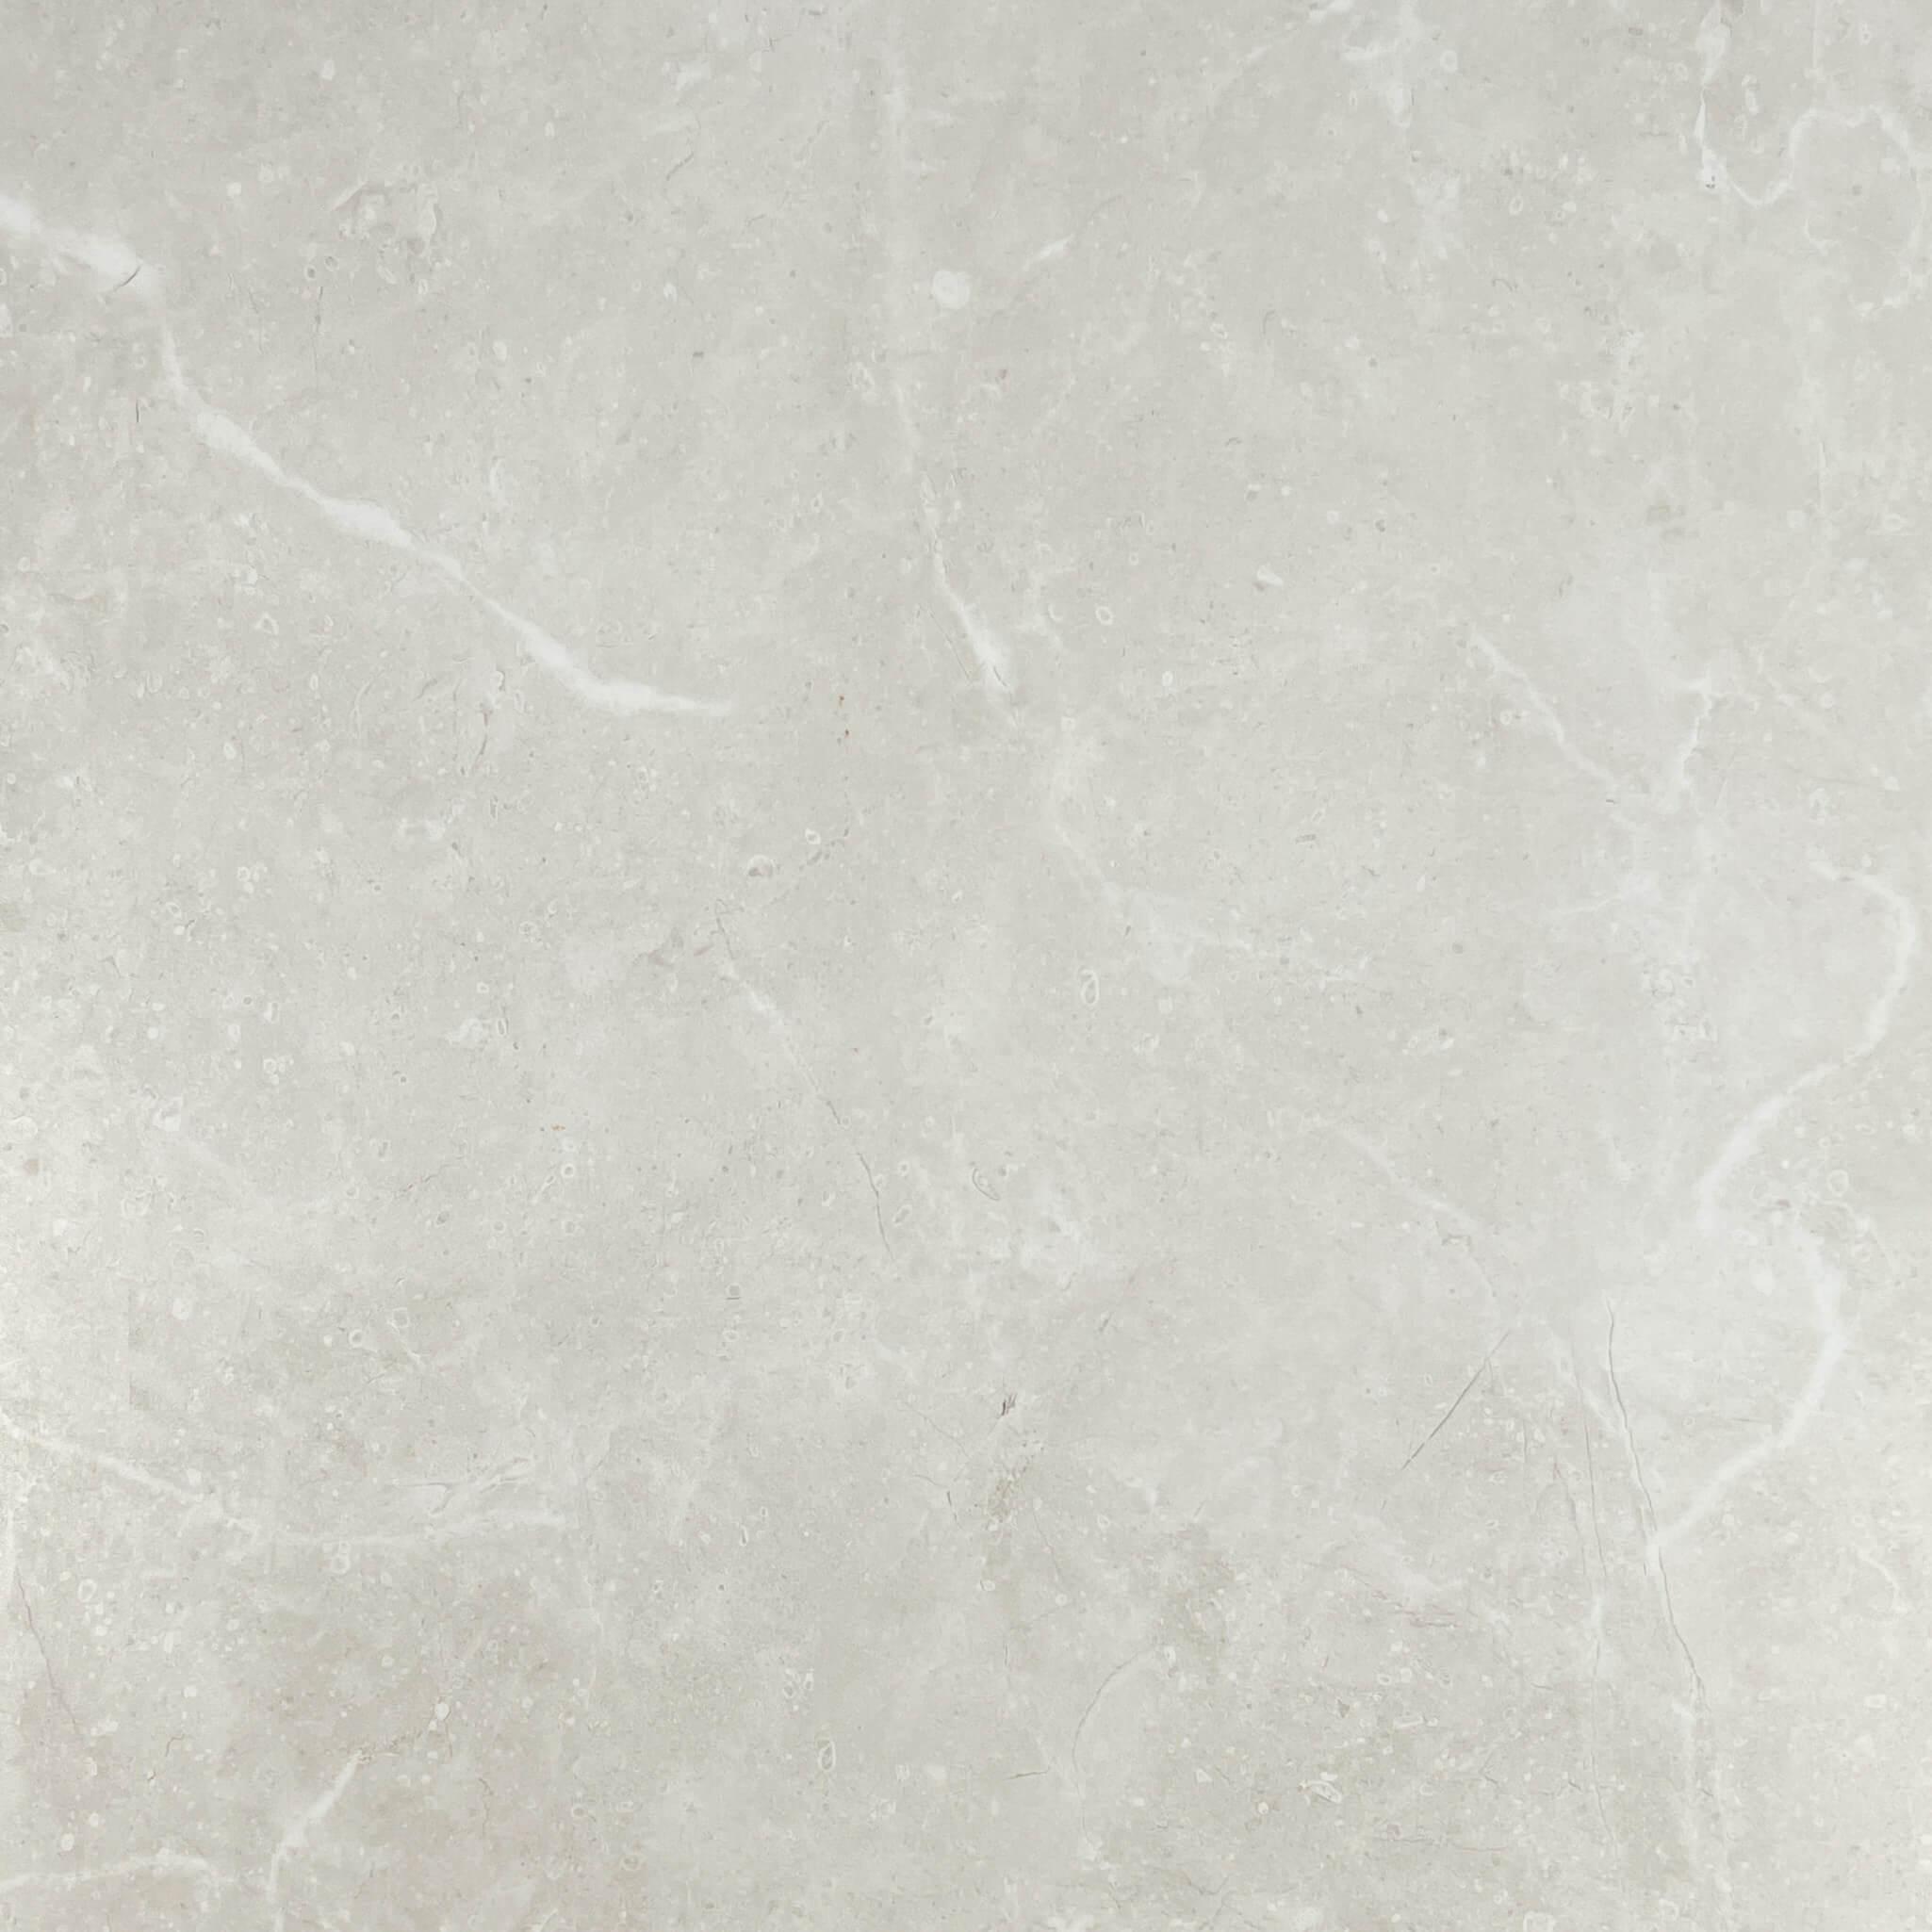 Beige Matt Rectified Porcelain Tile 6755